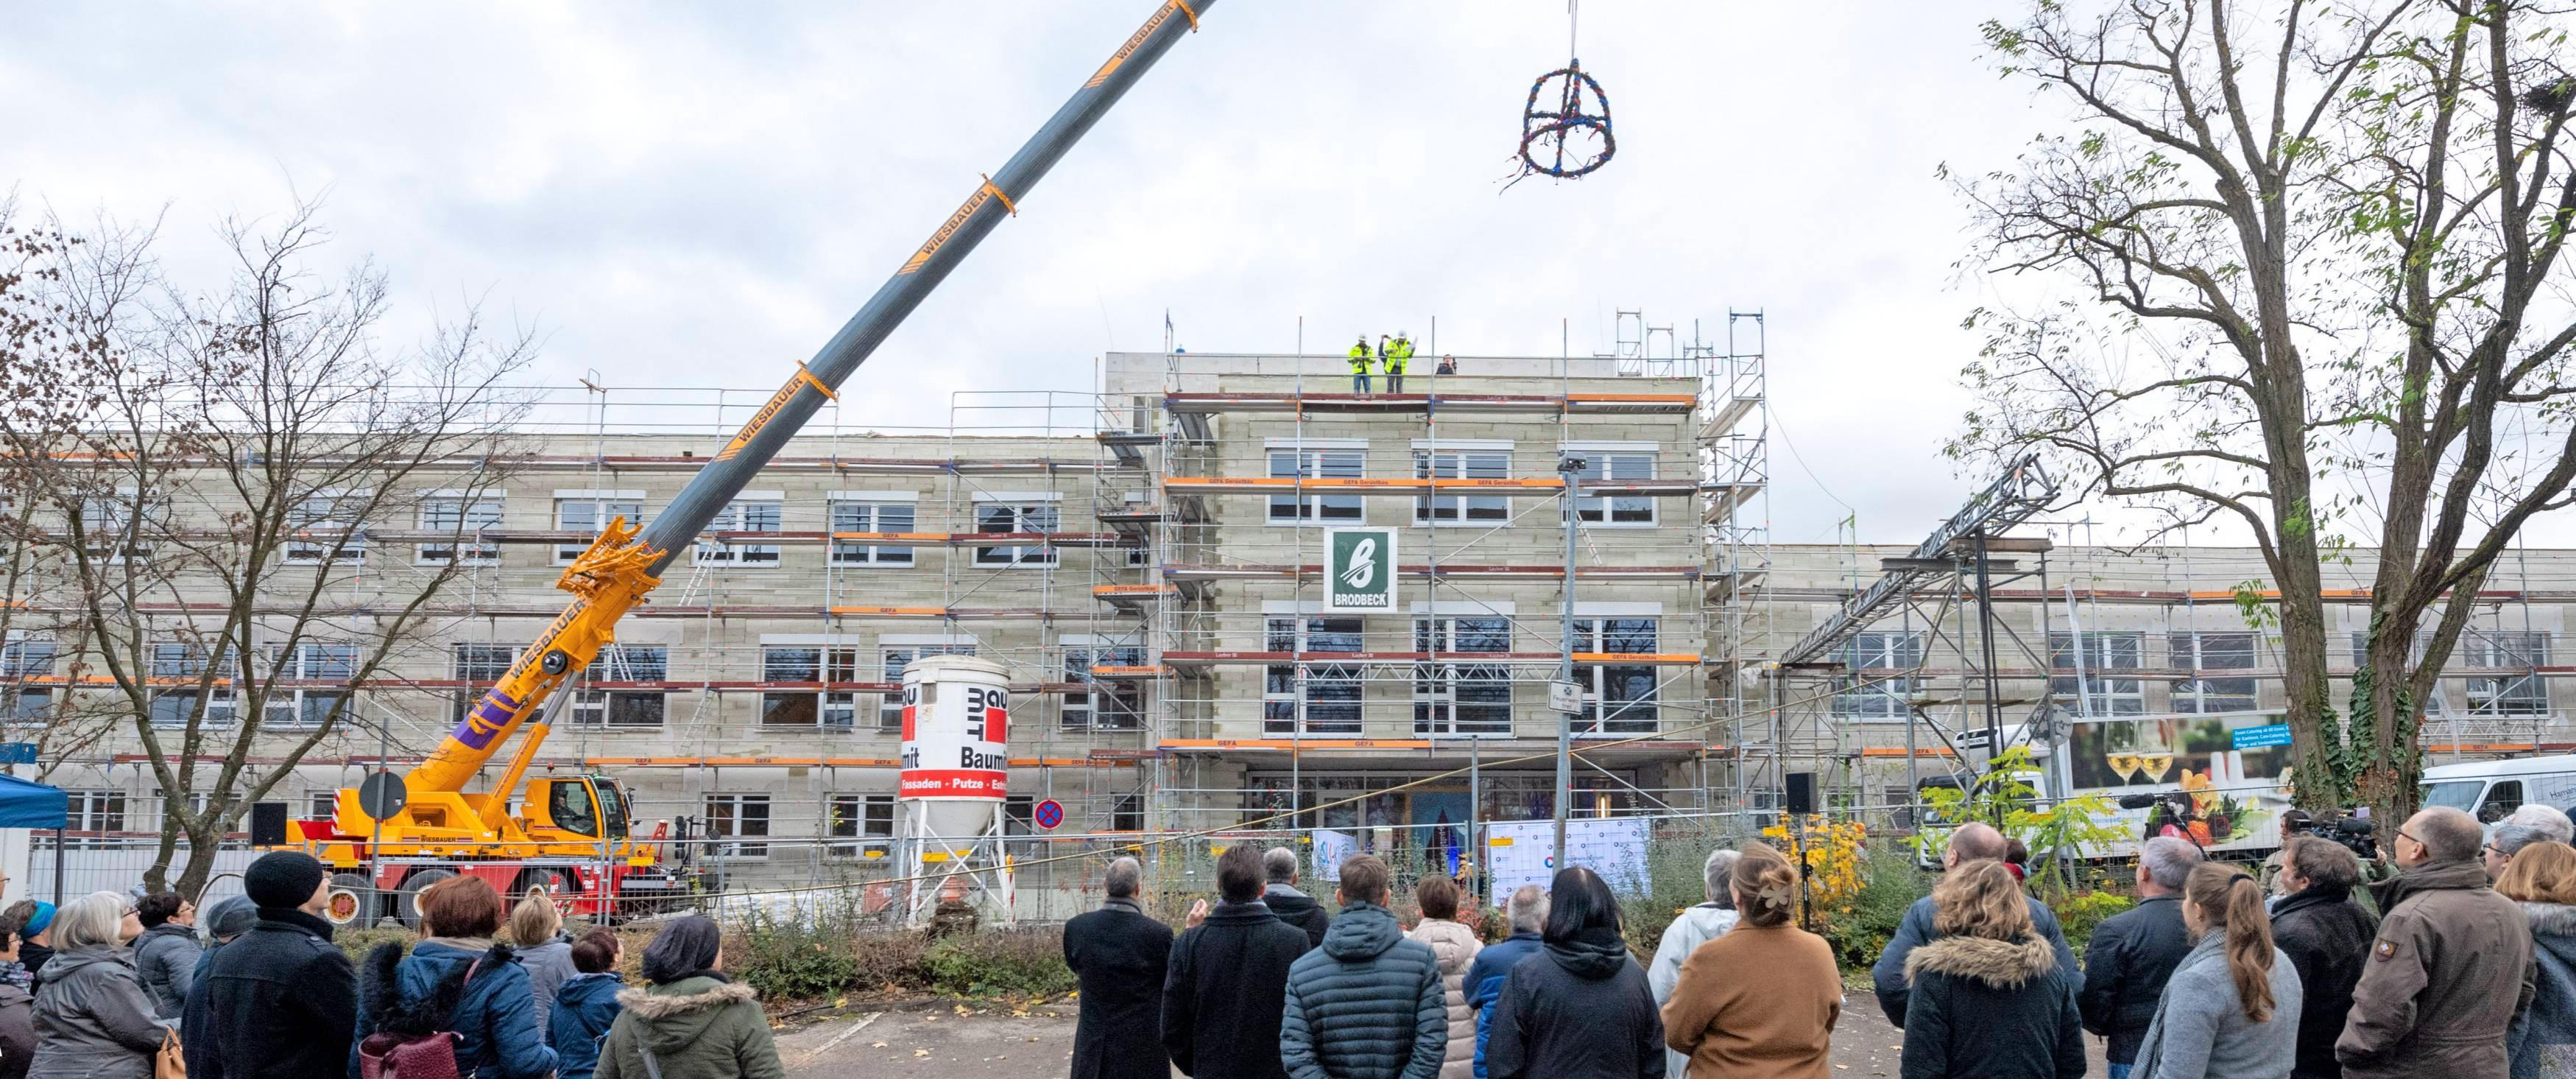 Im November 2019 wurde das Richtfest am Neubau des Gesundheitszentrums gefeiert. Foto: Archiv/Berger